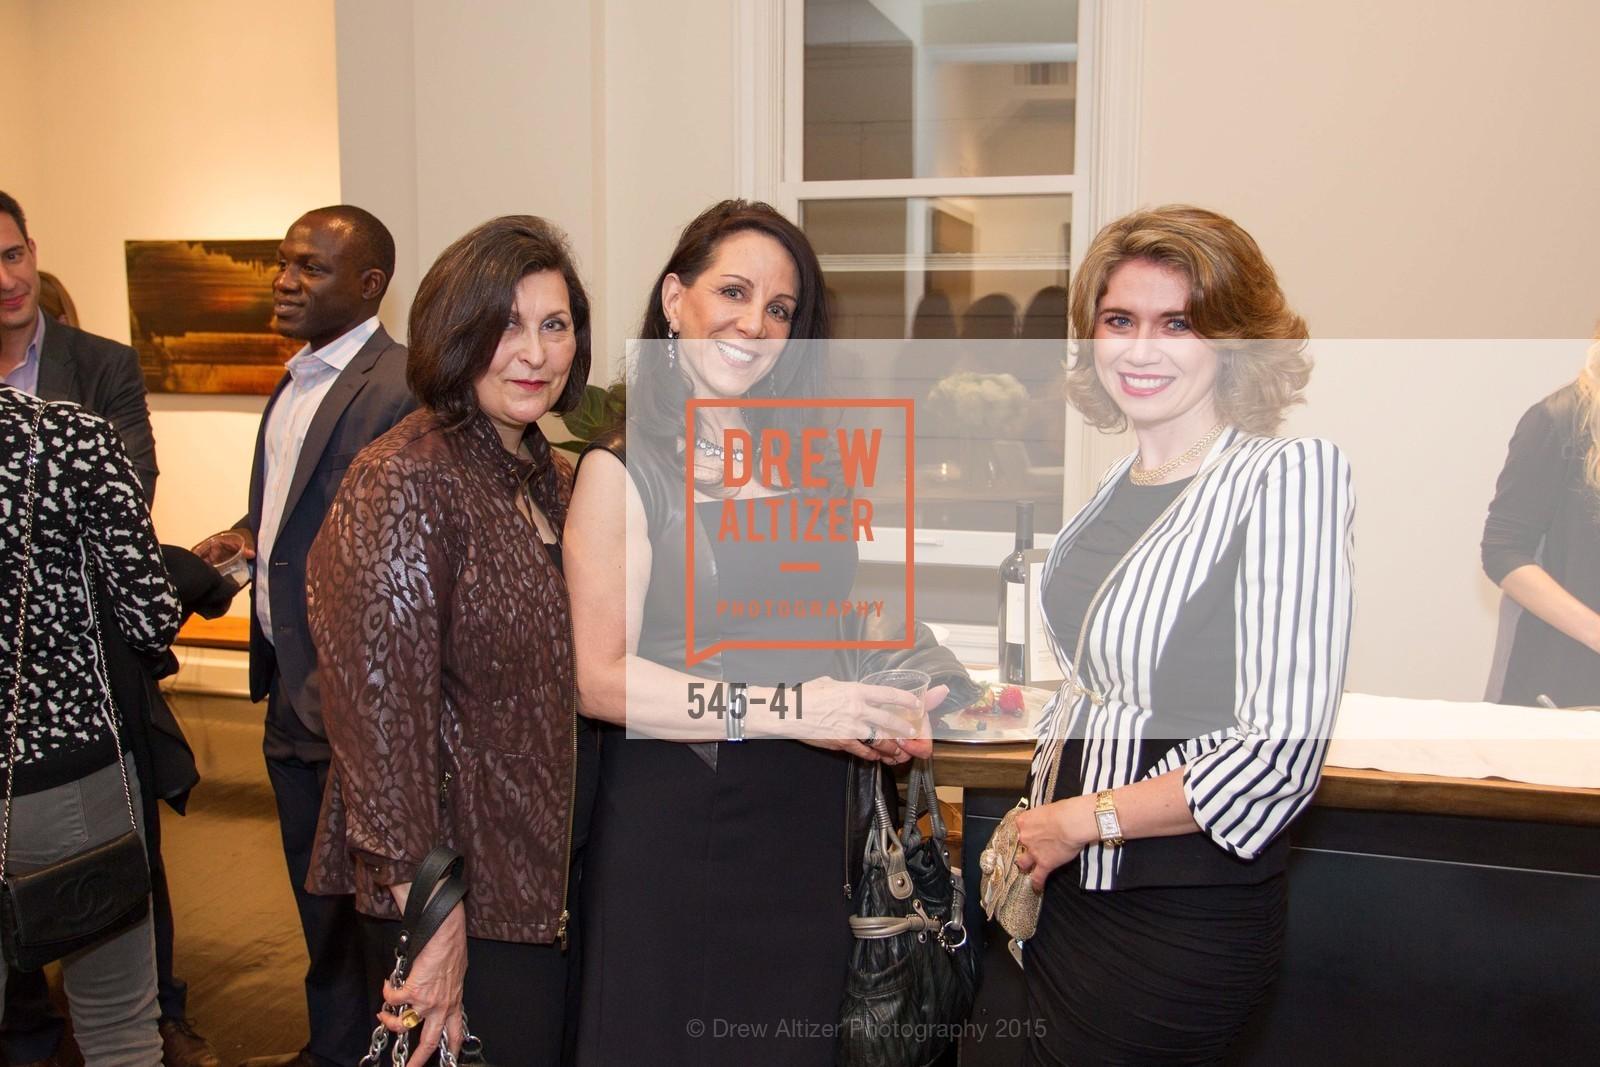 Marlene Anthony, Gloria Paladini, Olga Rybak, Projex Connect presents